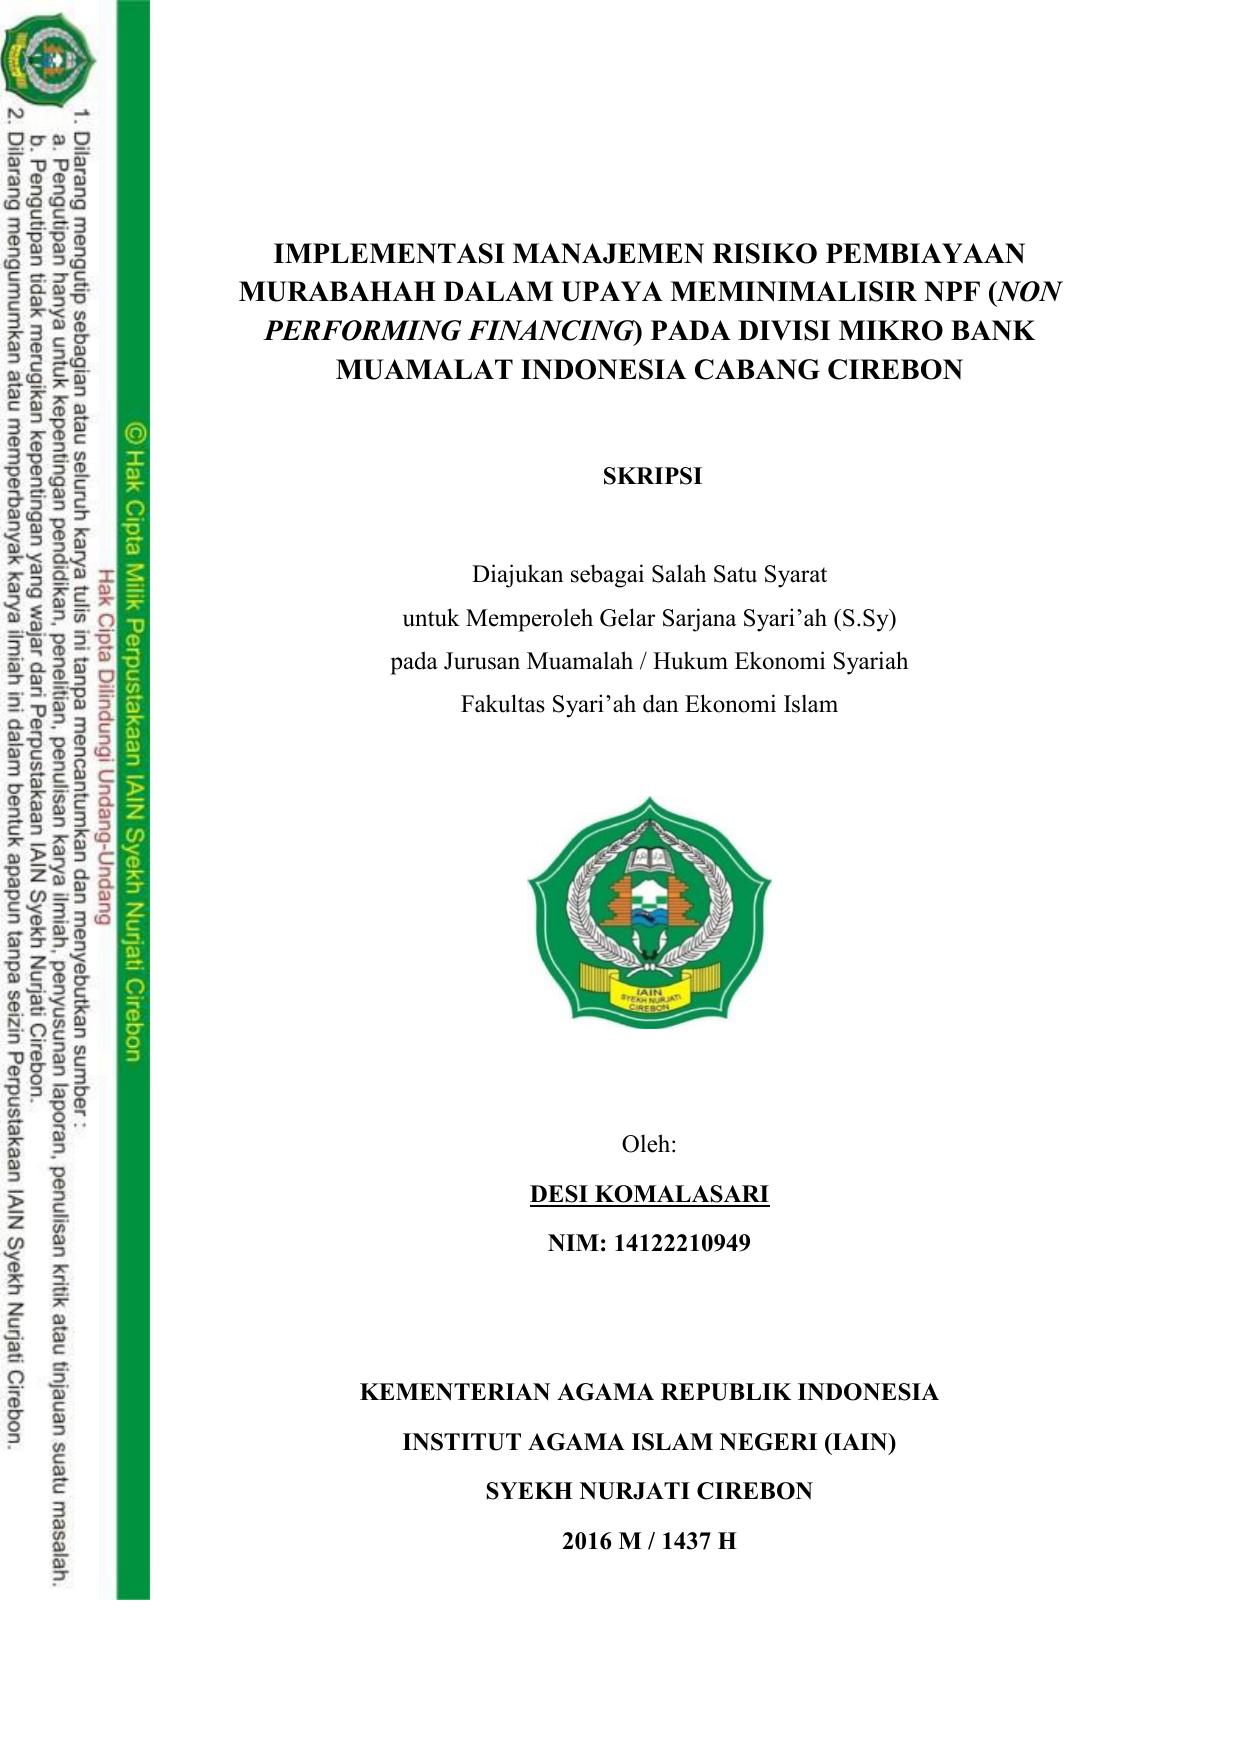 Implementasi Manajemen Risiko Pembiayaan Murabahah Dalam